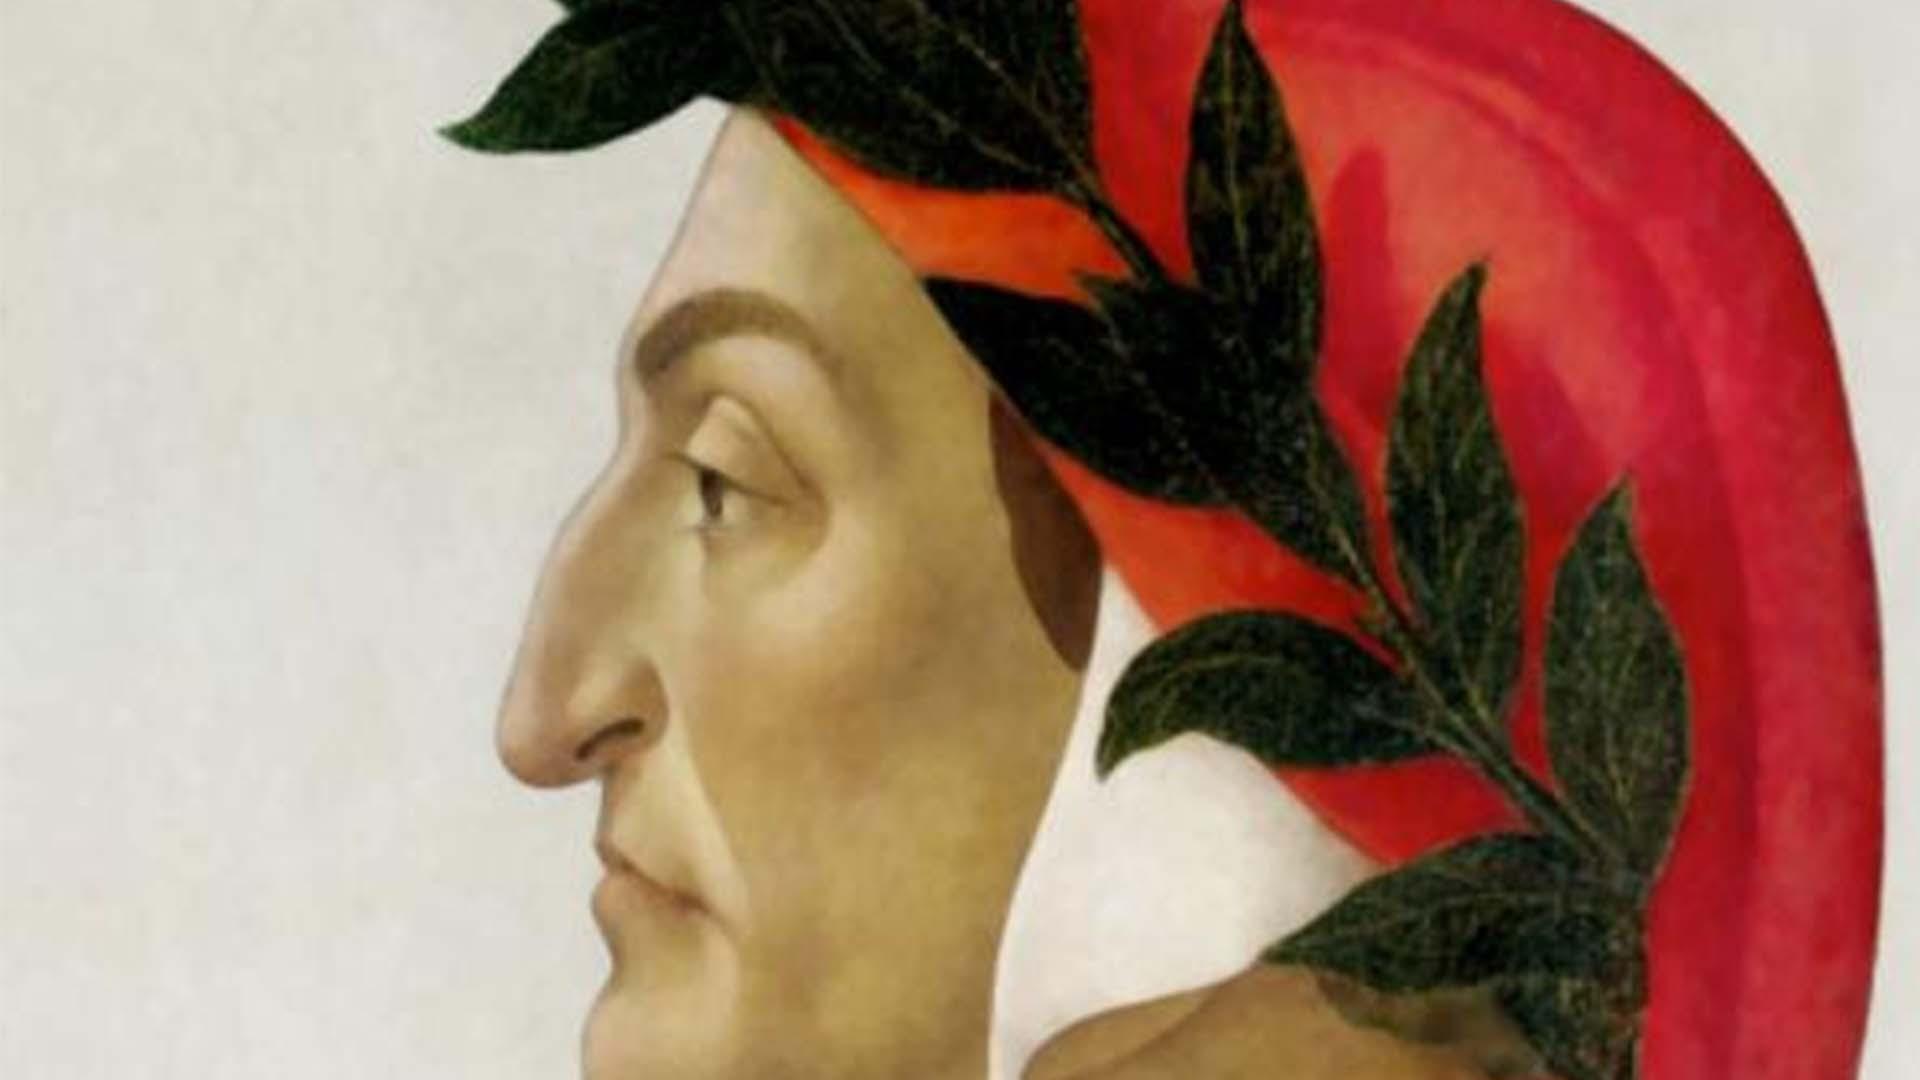 Il 25 marzo è Dantedì. Ma Dante amava la buona tavola? Le creazioni in suo onore degli artigiani del gusto